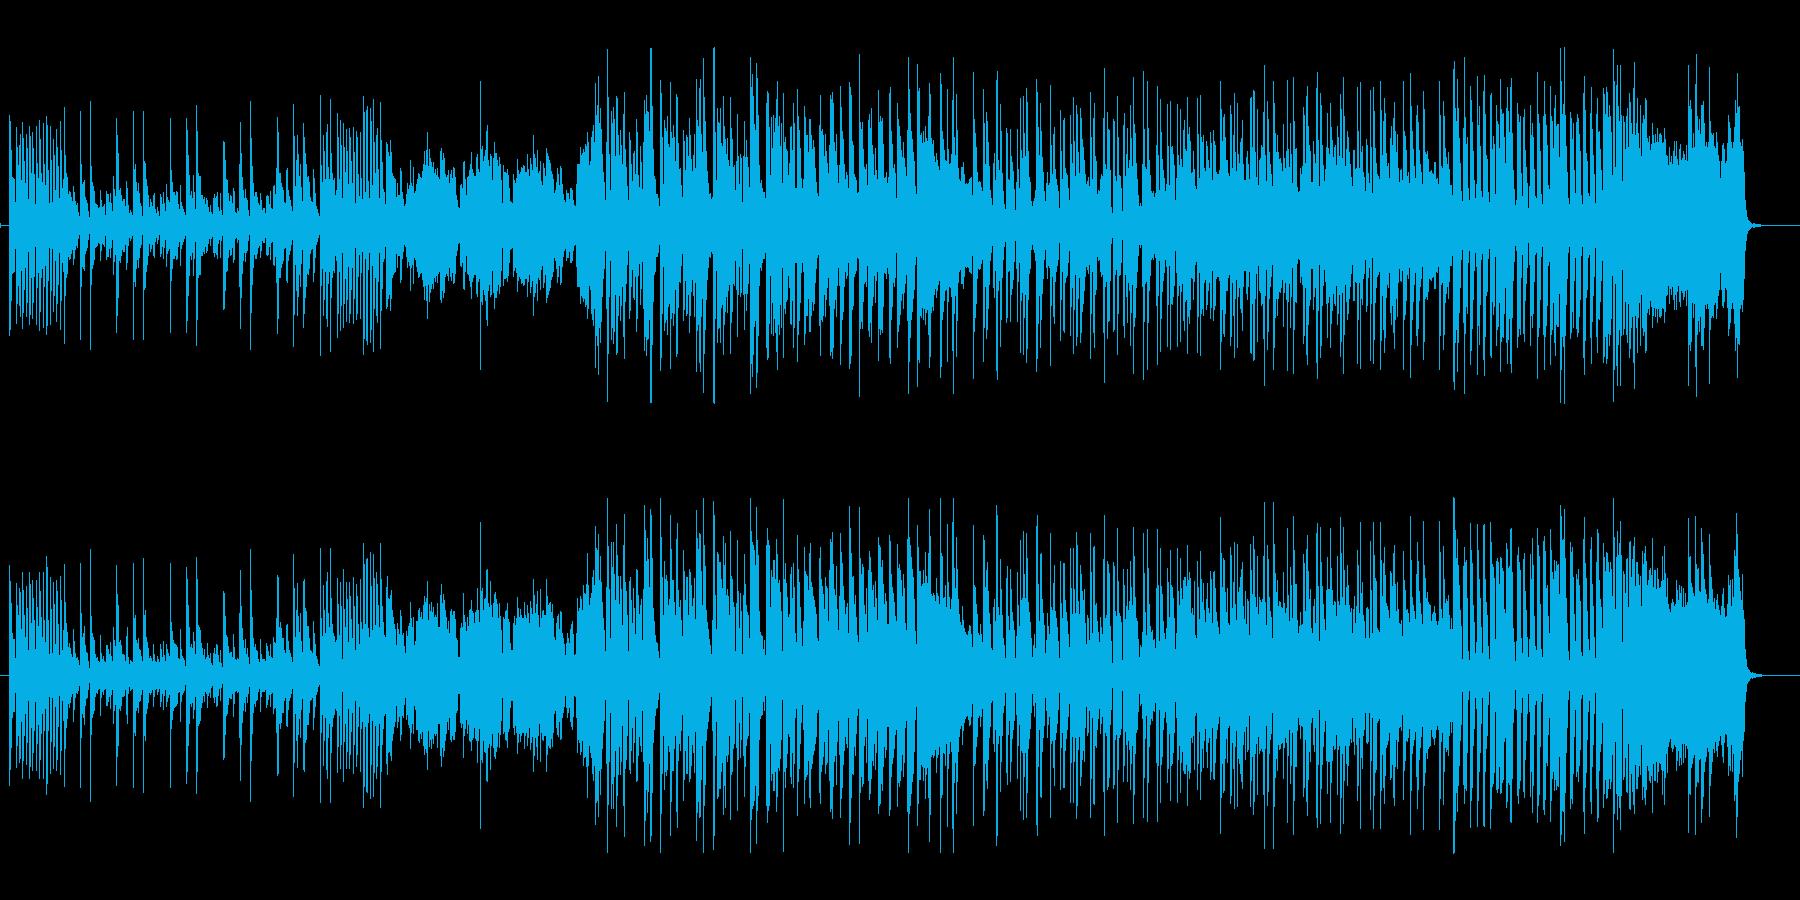 コミカルなミクスチャーロックンロールの再生済みの波形